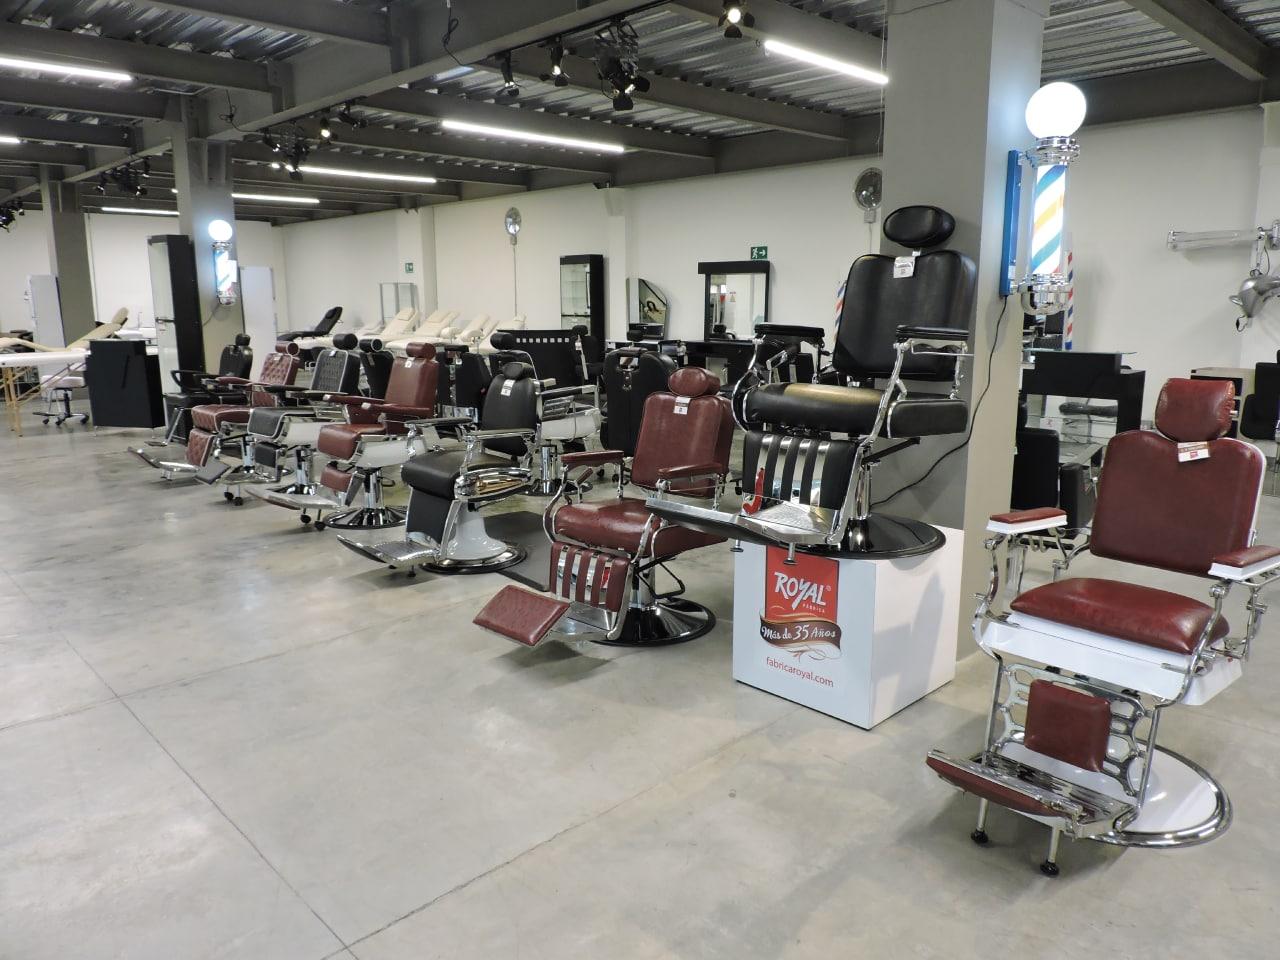 Muebles Murillo Image May Contain Indoor Tu Tienda De Muebles De  # Muebles Y Decoracion Tuzzi